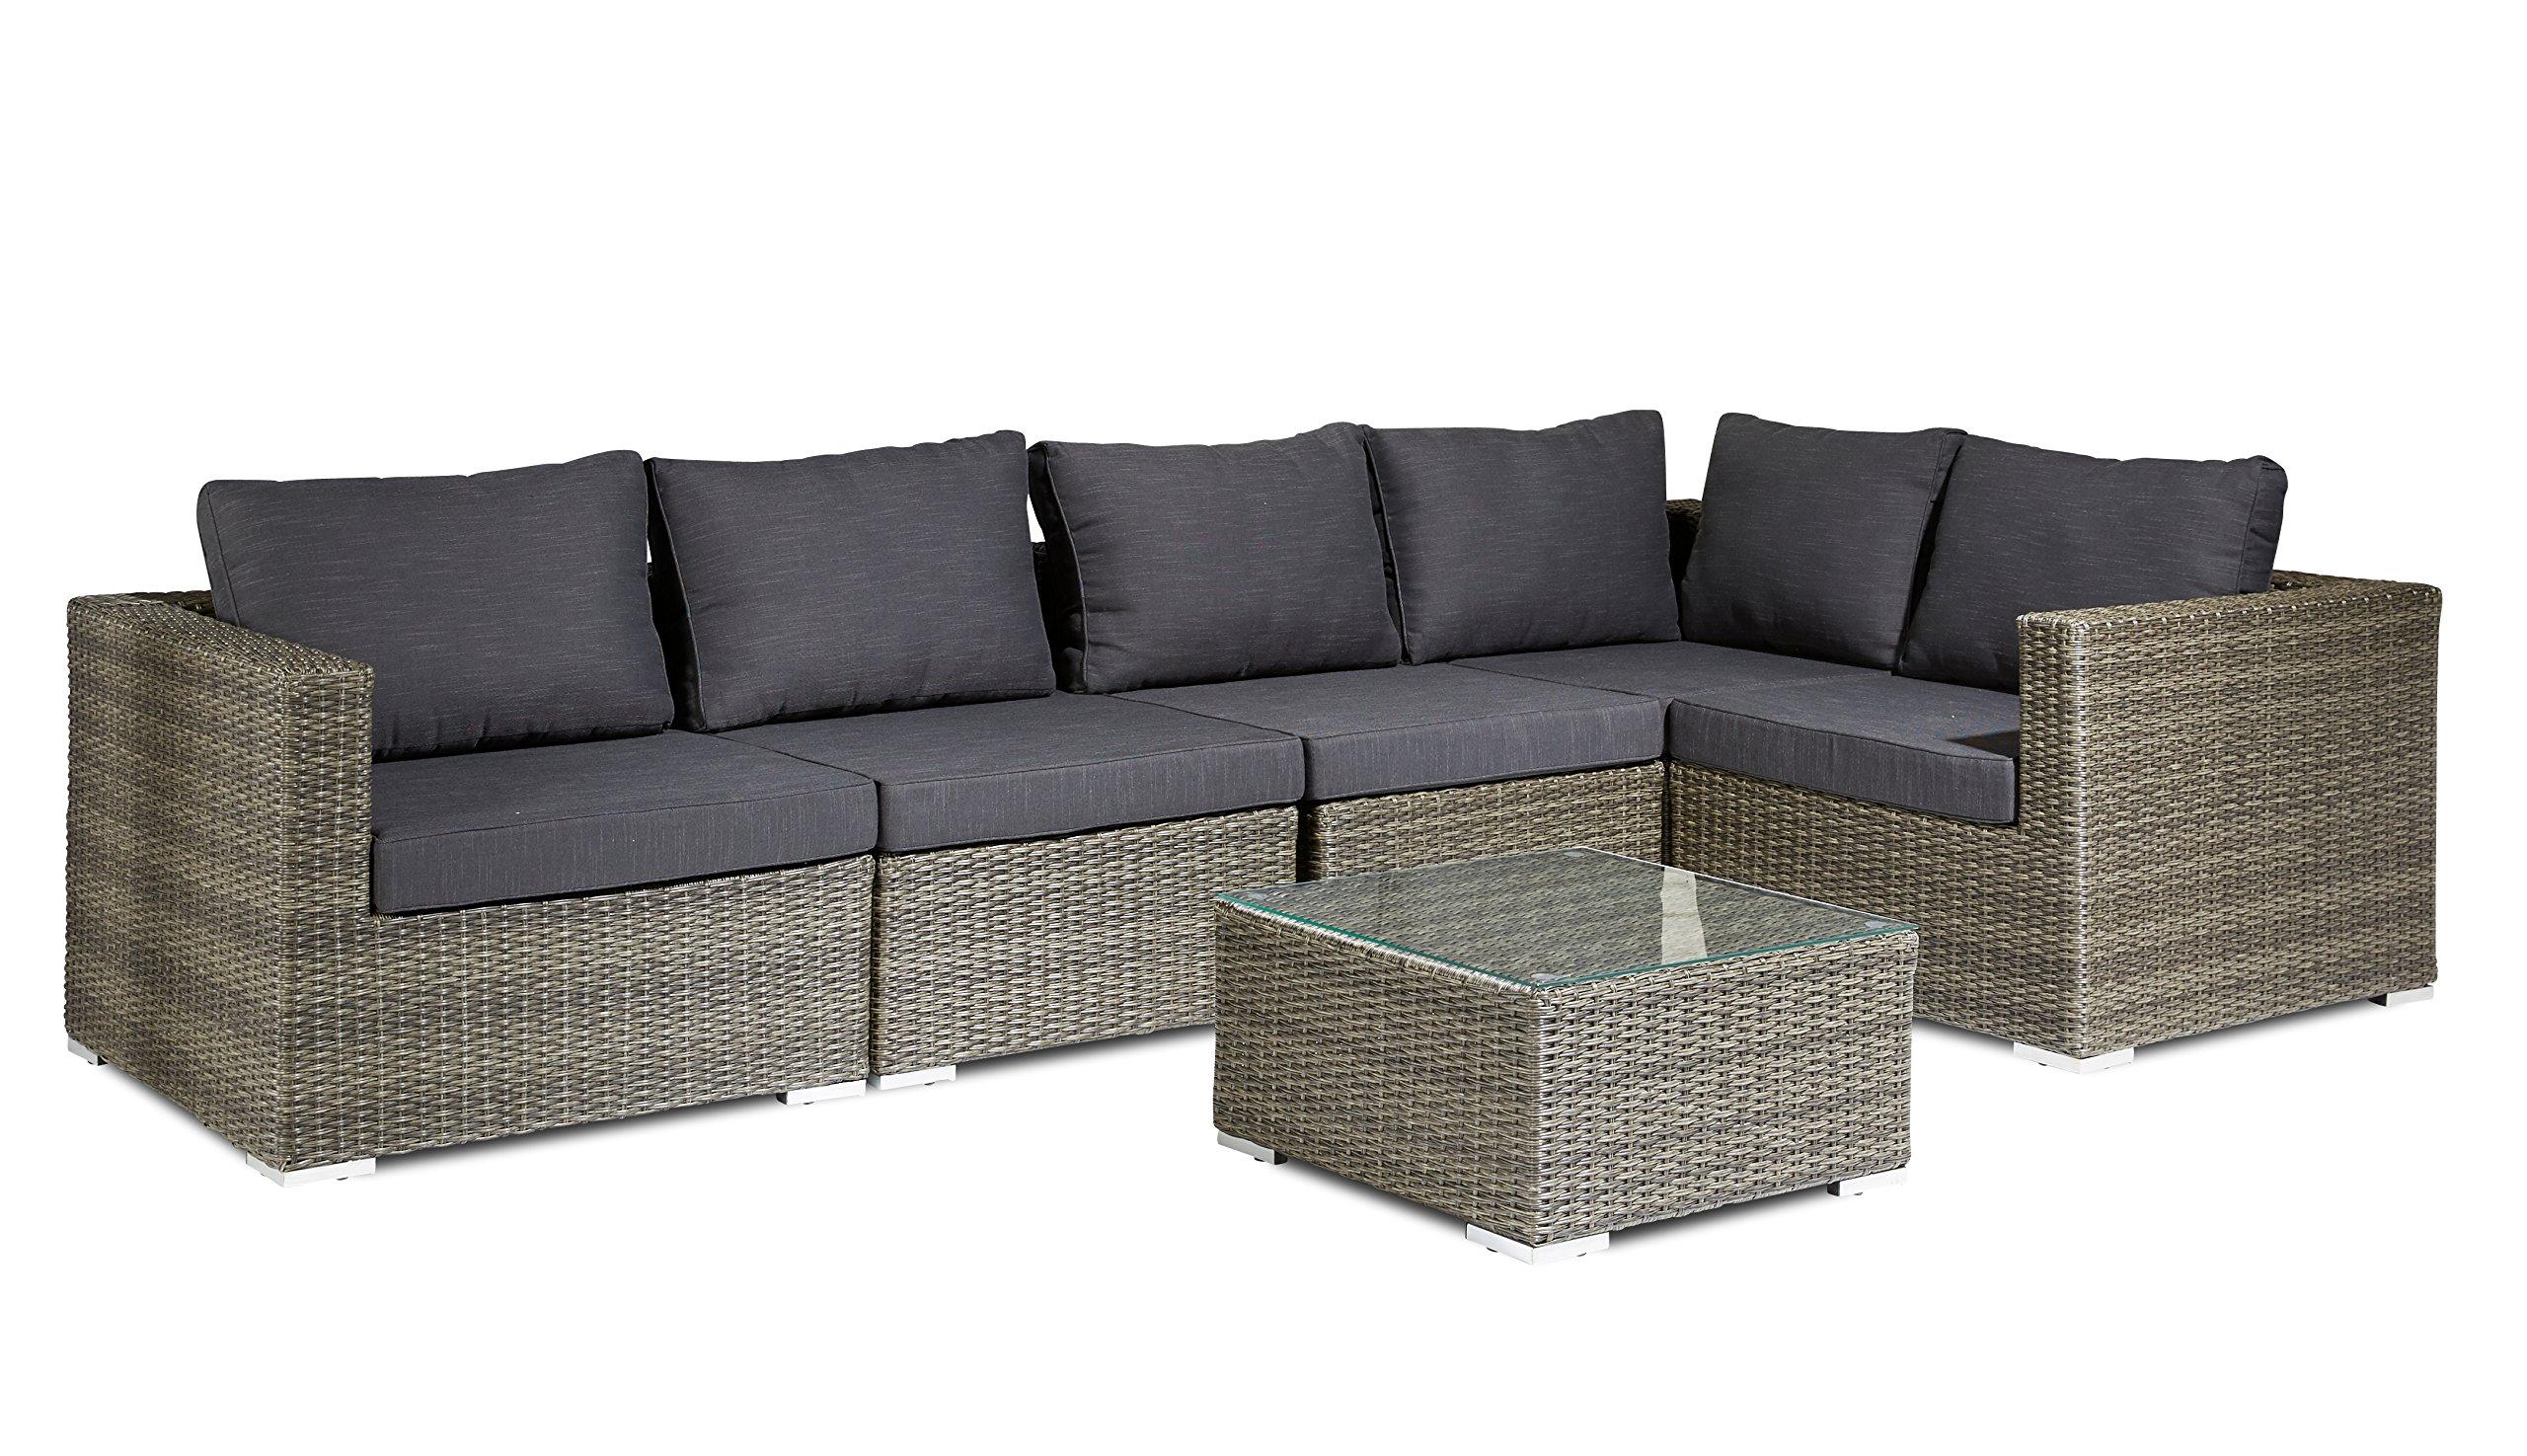 XINRO 19tlg XXXL Polyrattan Gartenmöbel Lounge Sofa günst